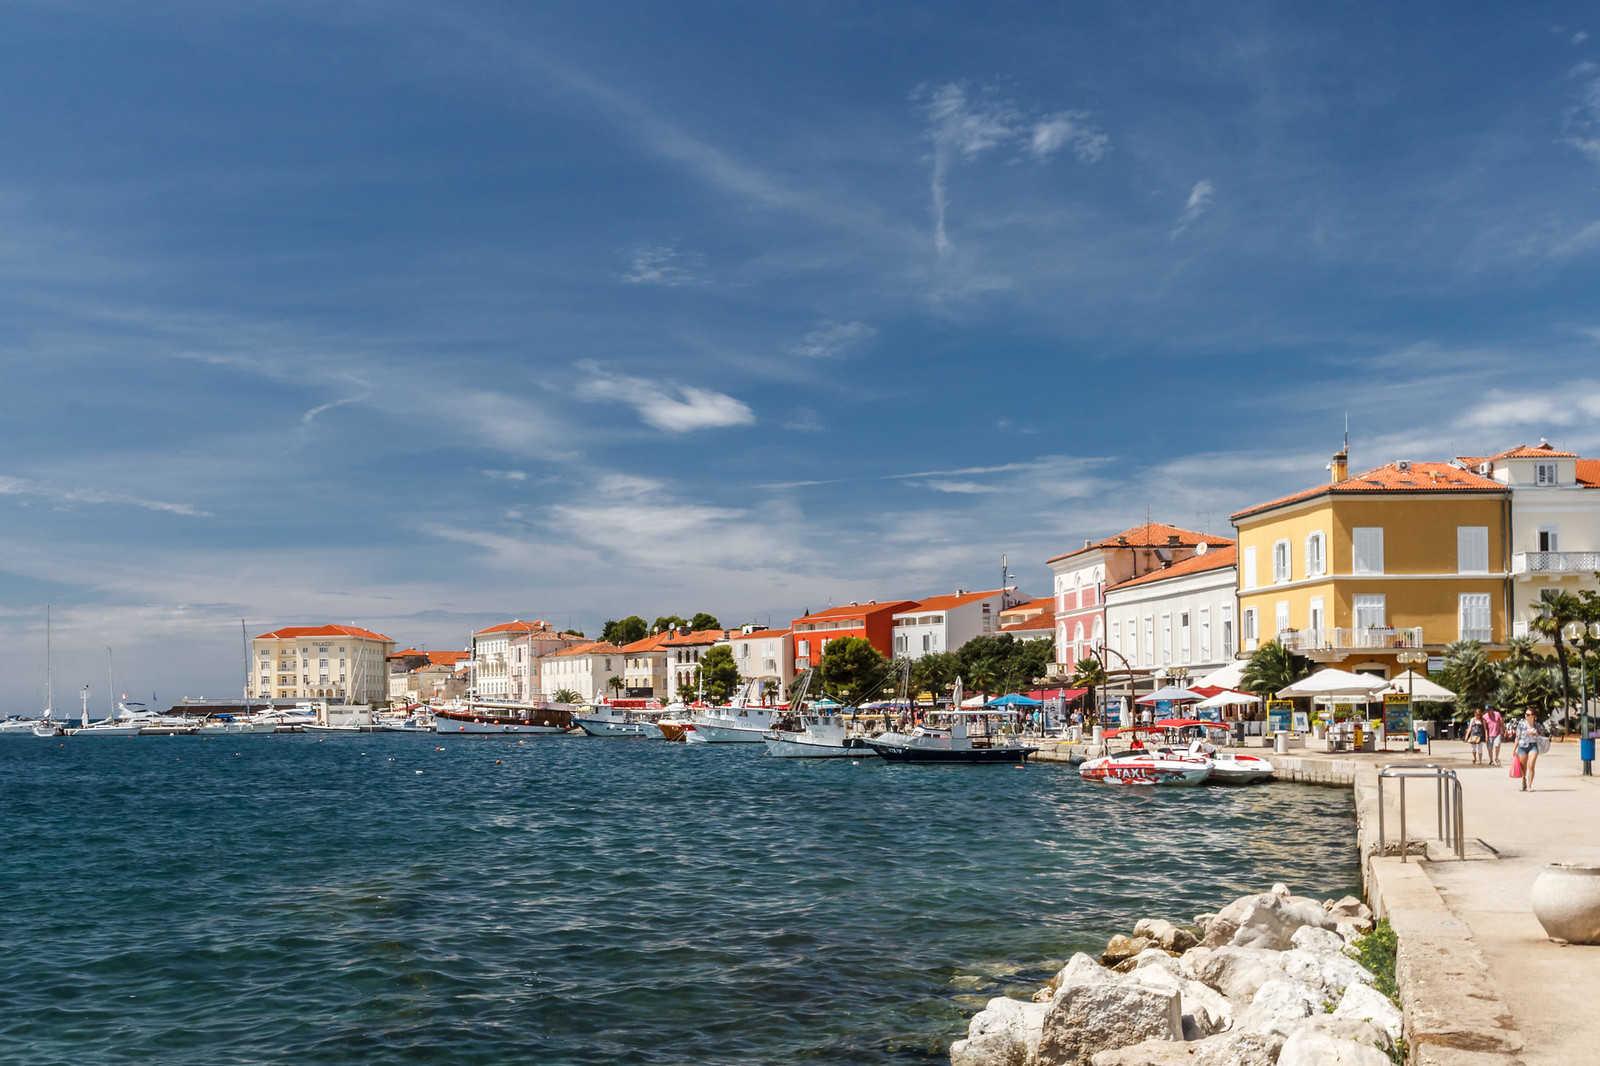 Отзывы об отдыхе в Хорватии